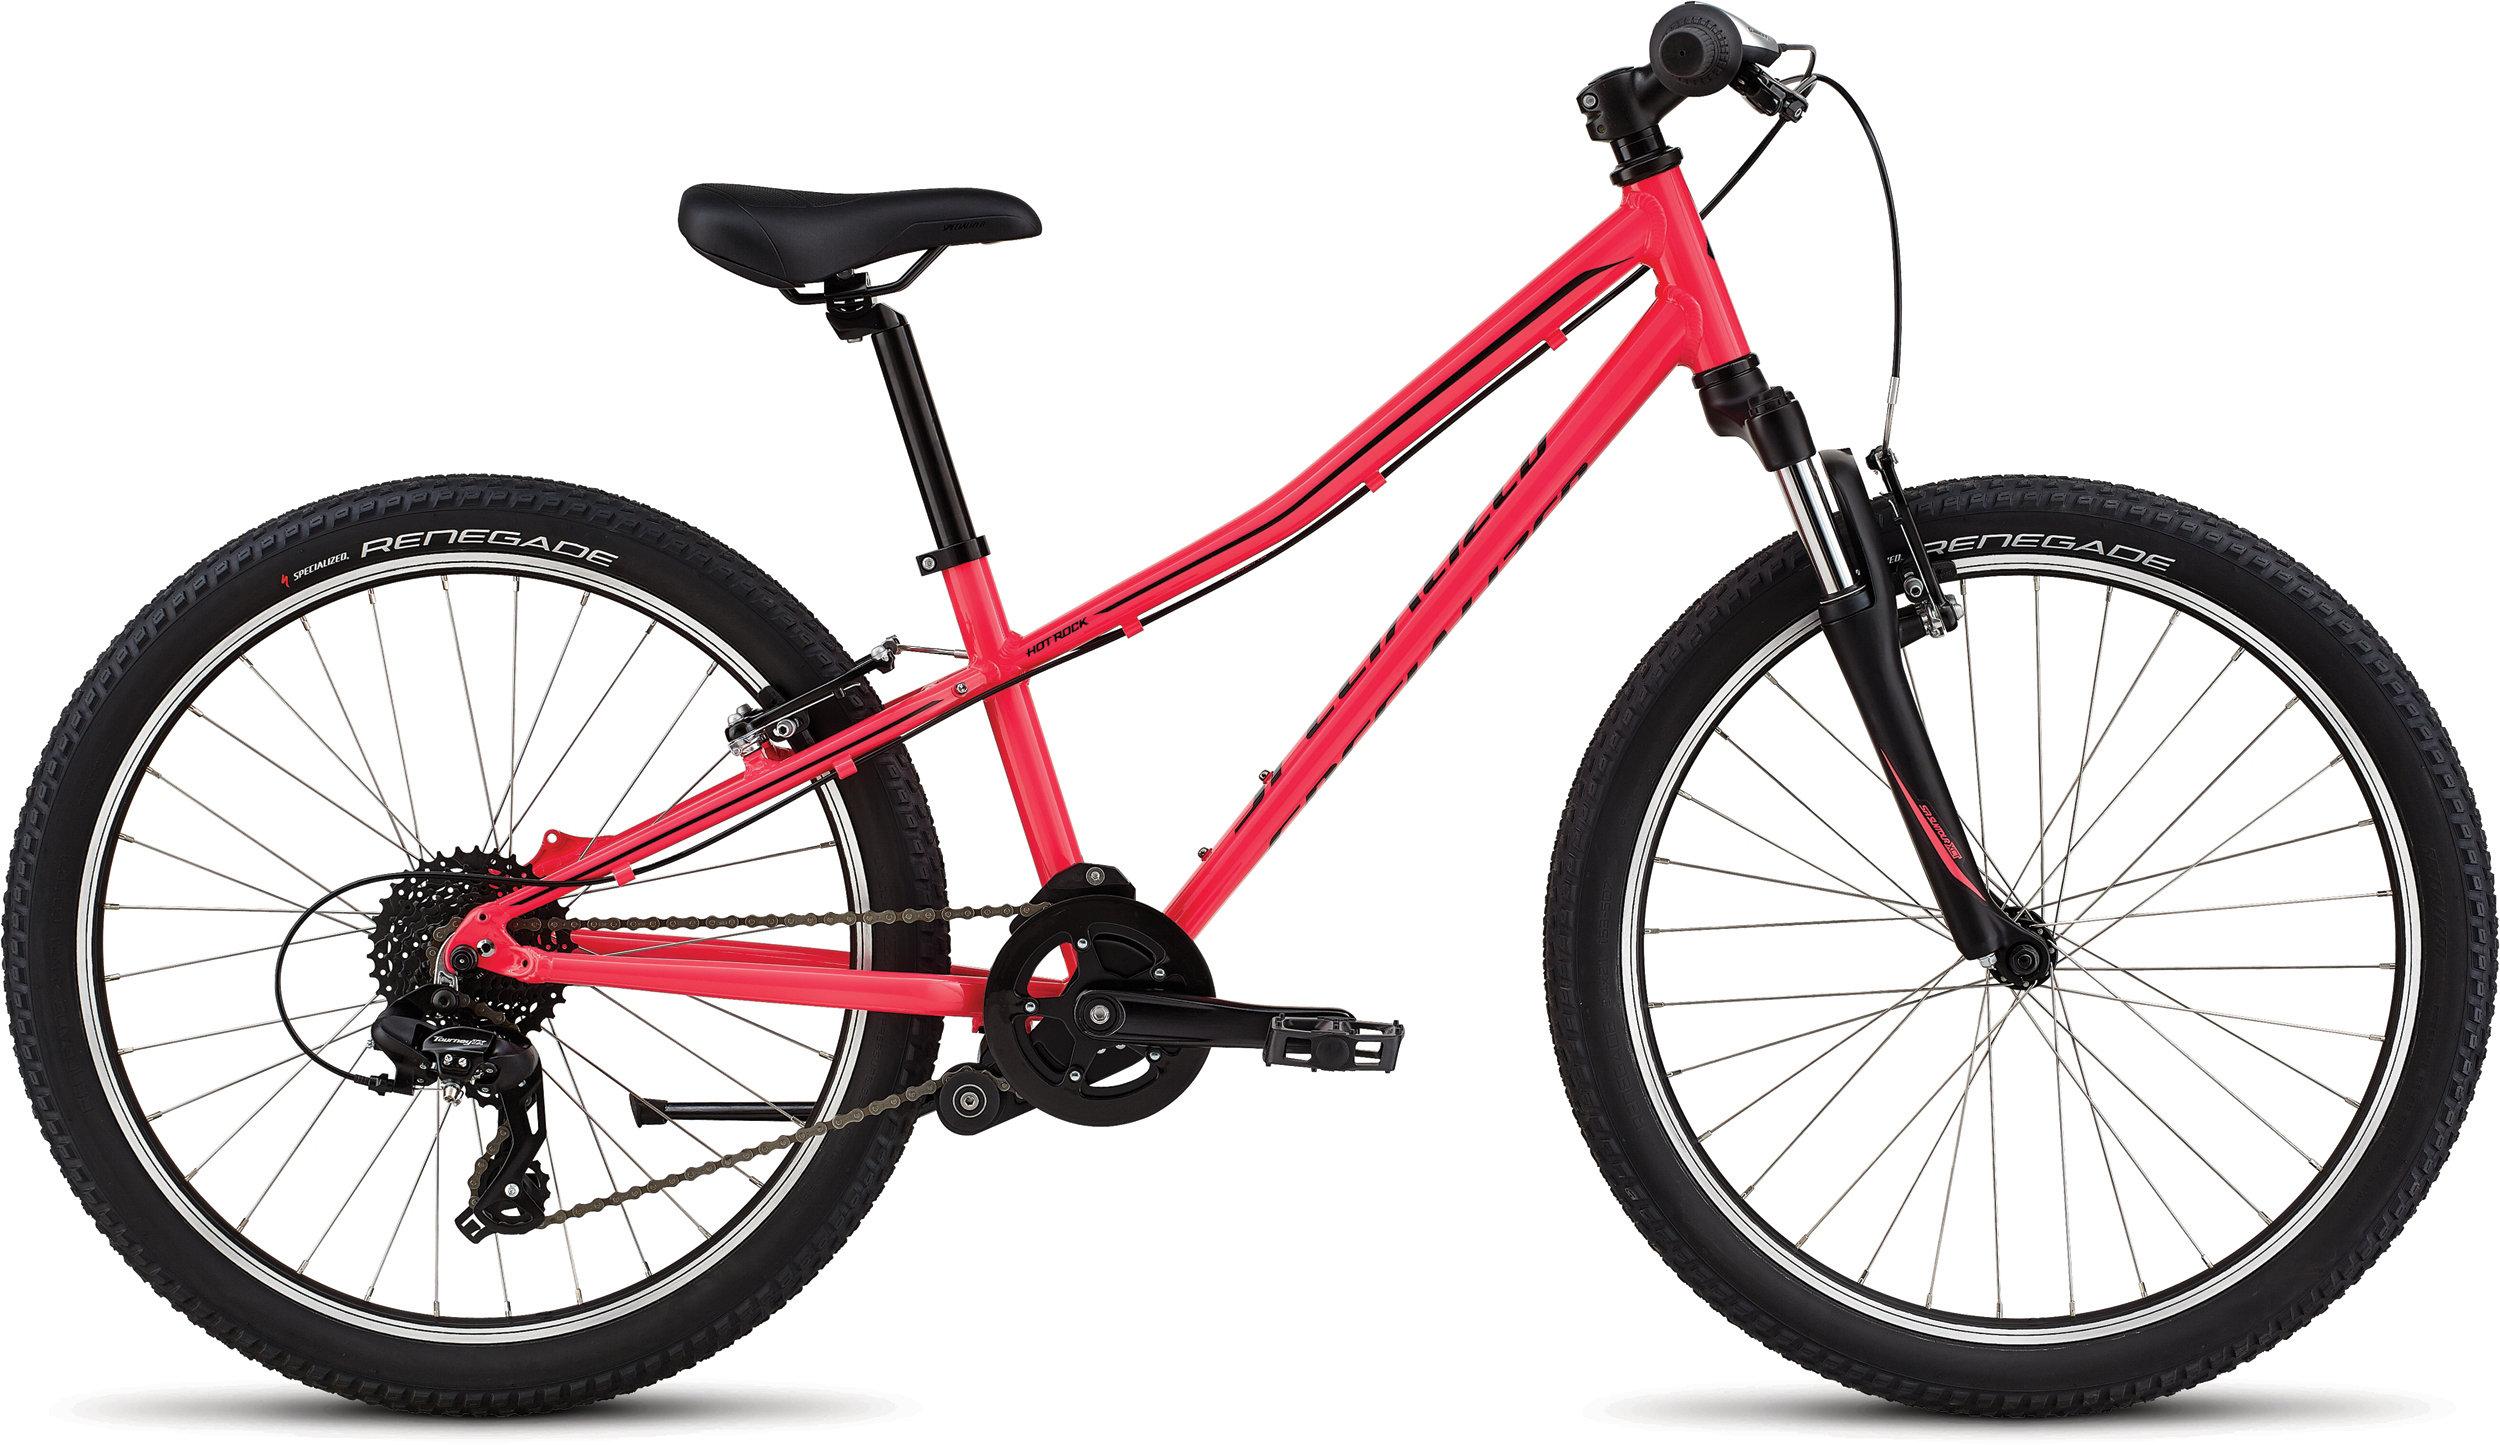 Specialized Hotrock 24 Acid Pink/Black 11 - Alpha Bikes